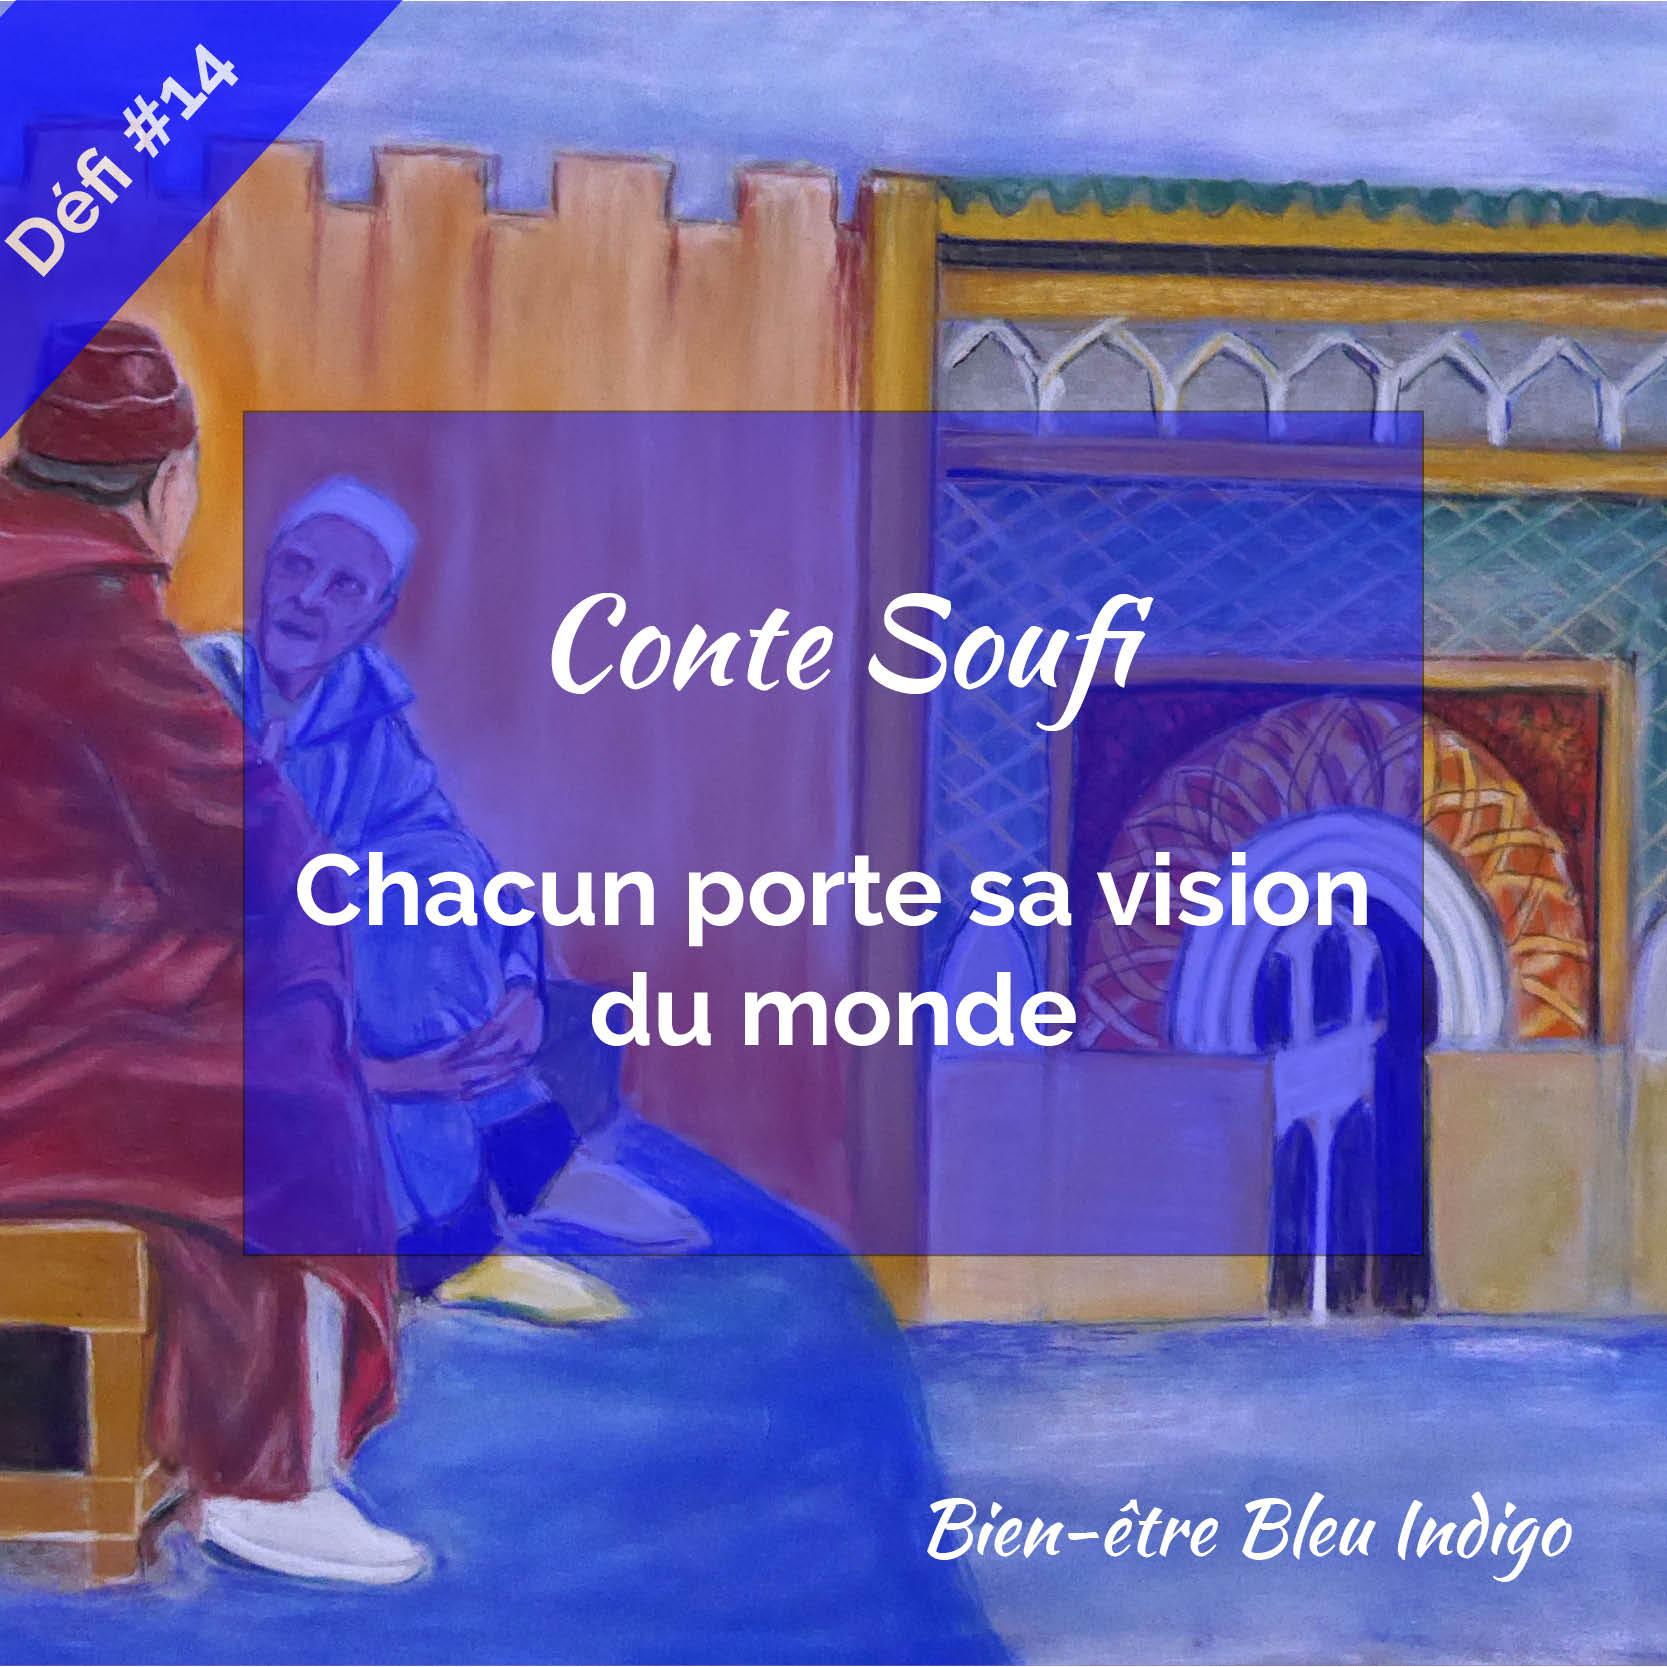 Illustration du conte soufi : Chacun porte sa vision du monde